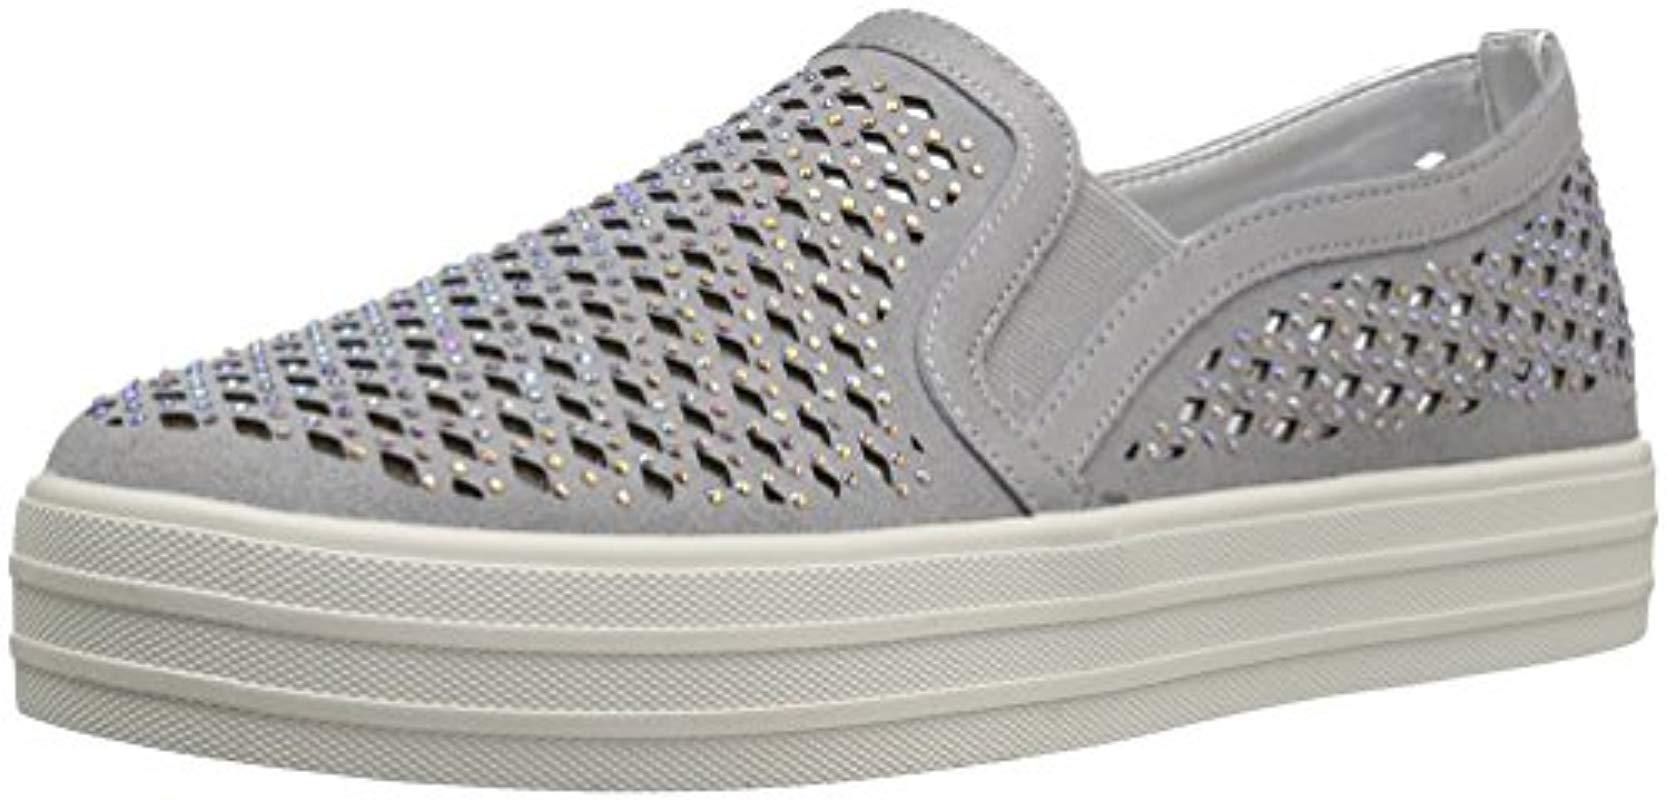 sports shoes f8464 b7fc1 Skechers Skecher Street Double Up-diamond Girl Fashion Sneaker in ...